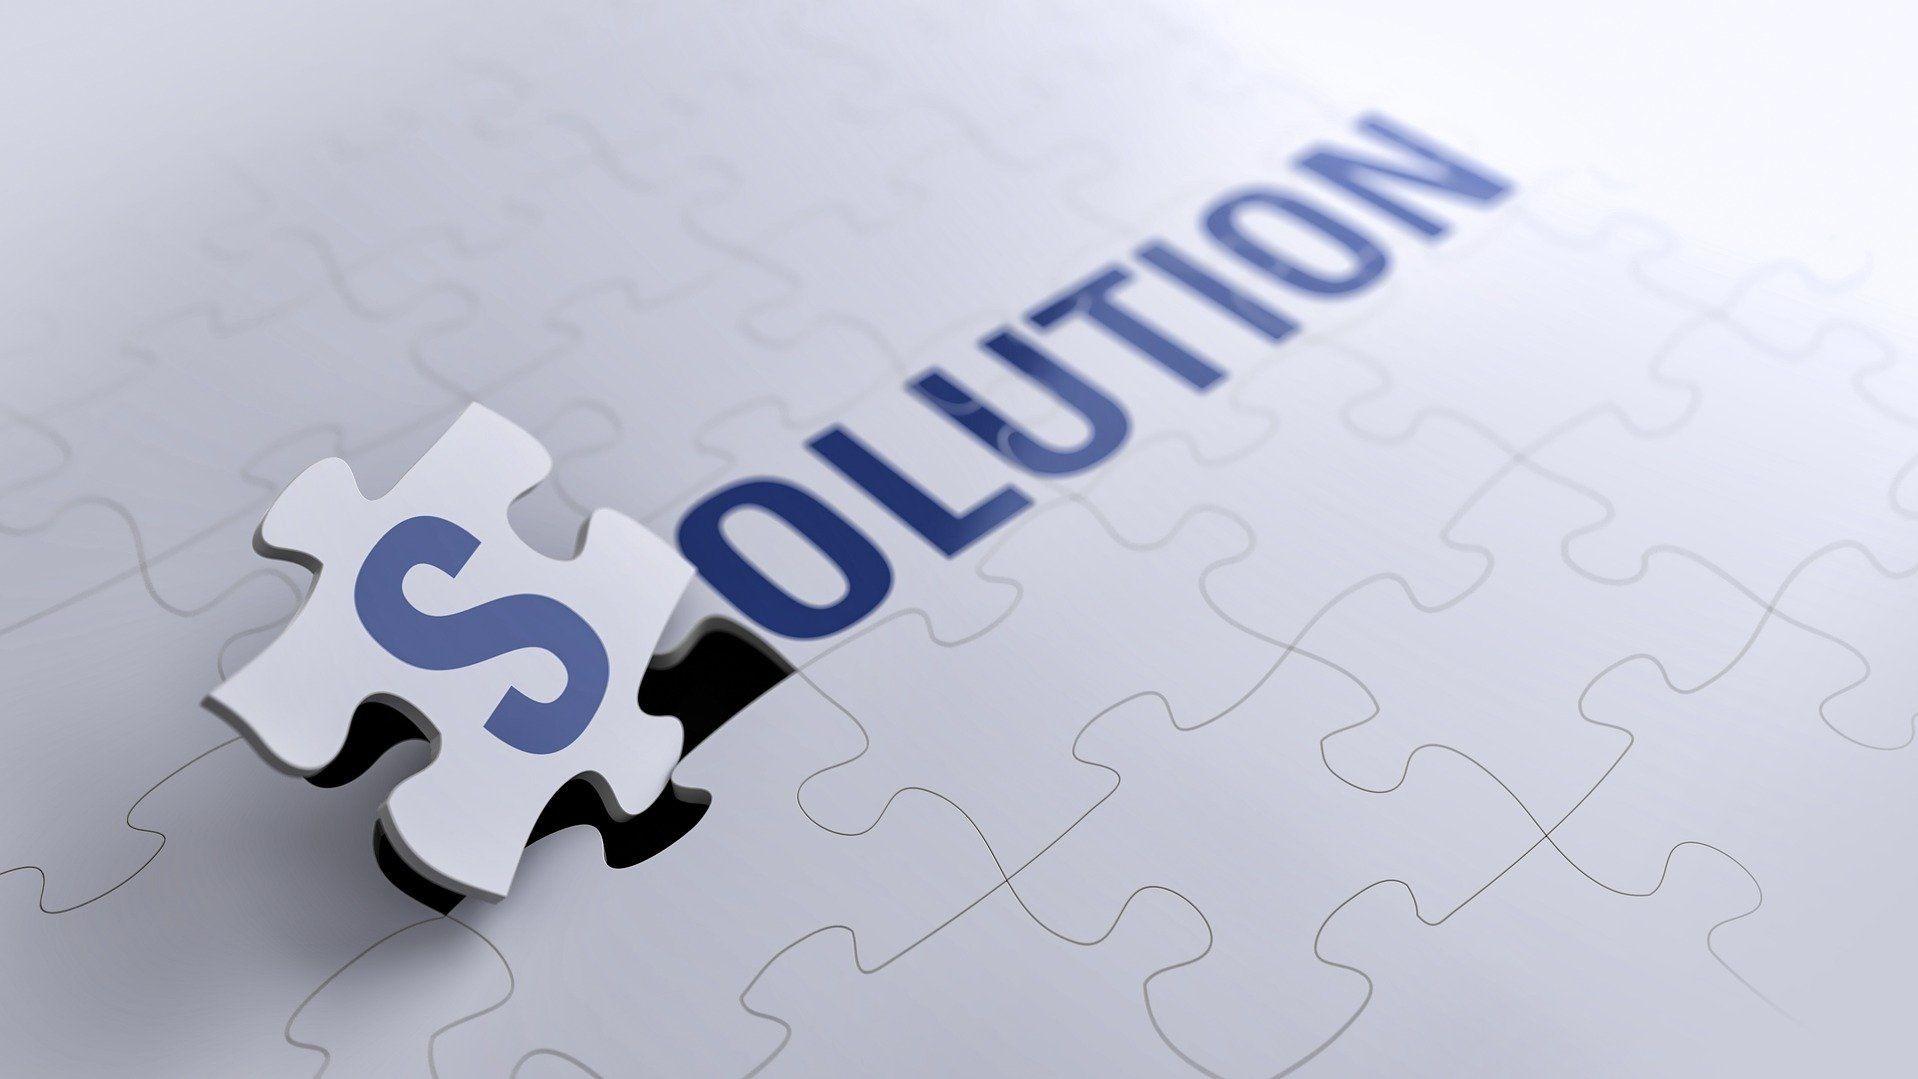 Représentation de la formation : RESOLUTION DE SITUATION CONFLICTUELLE